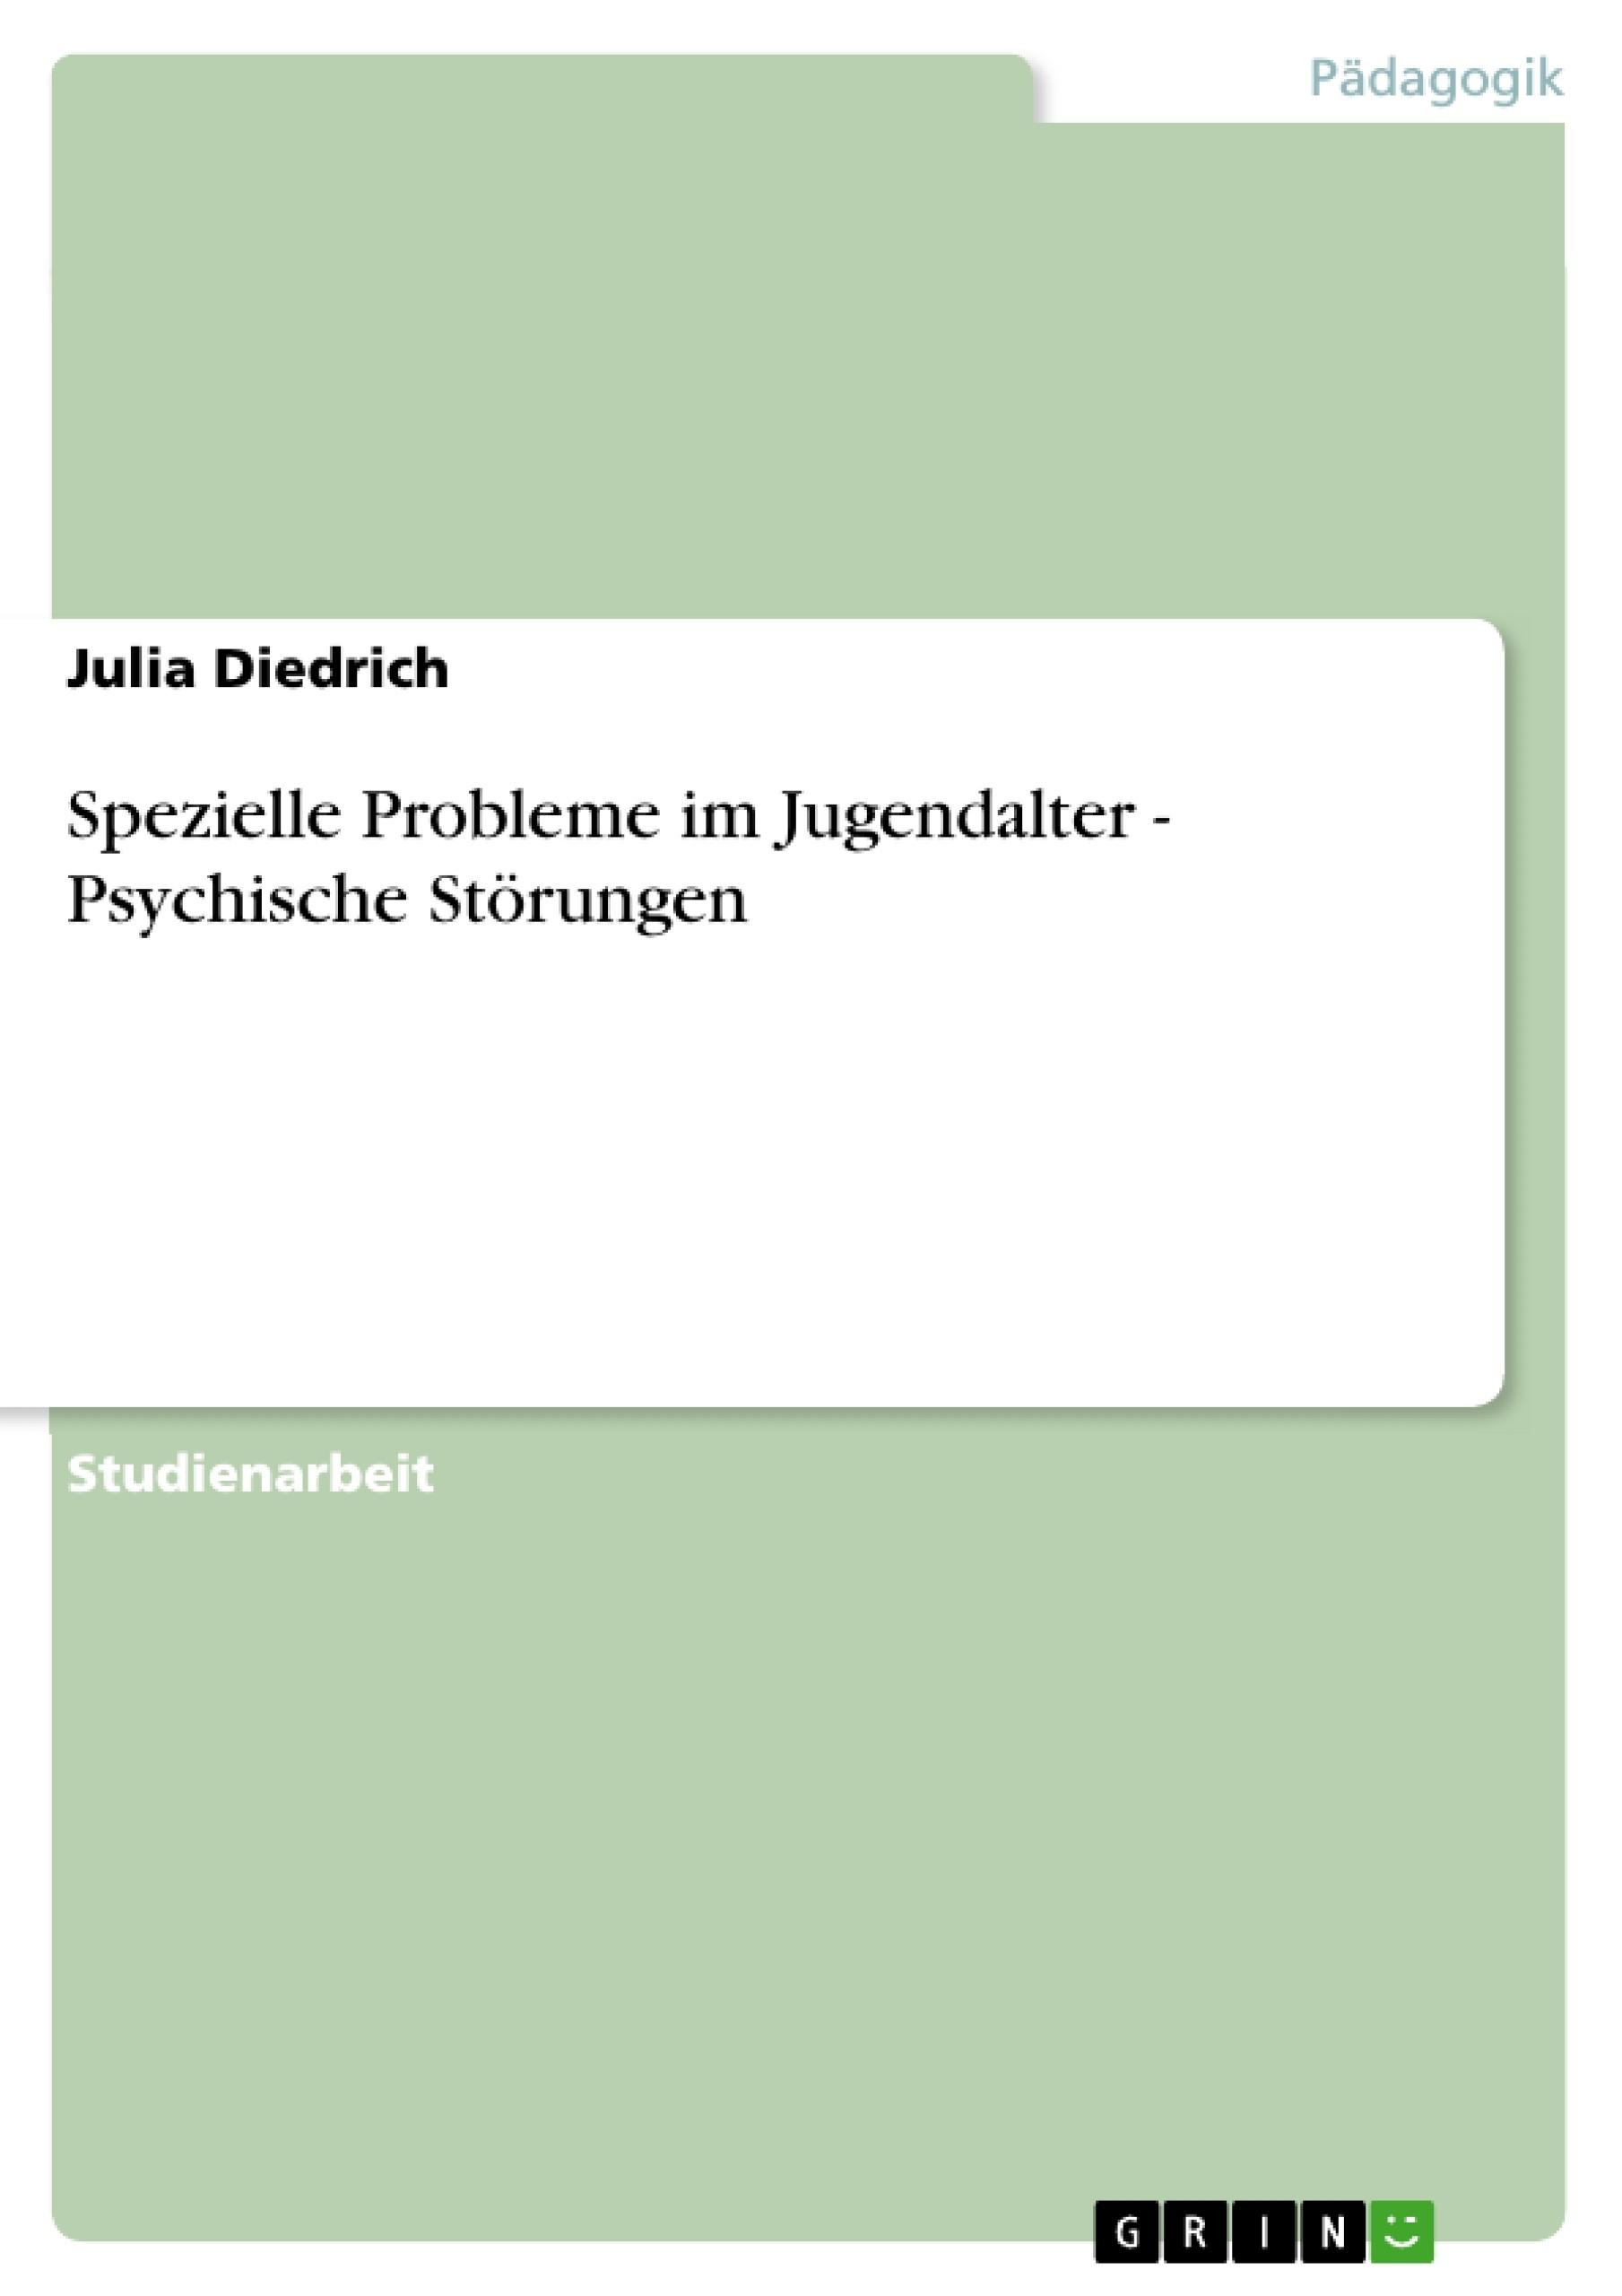 Titel: Spezielle Probleme im Jugendalter - Psychische Störungen